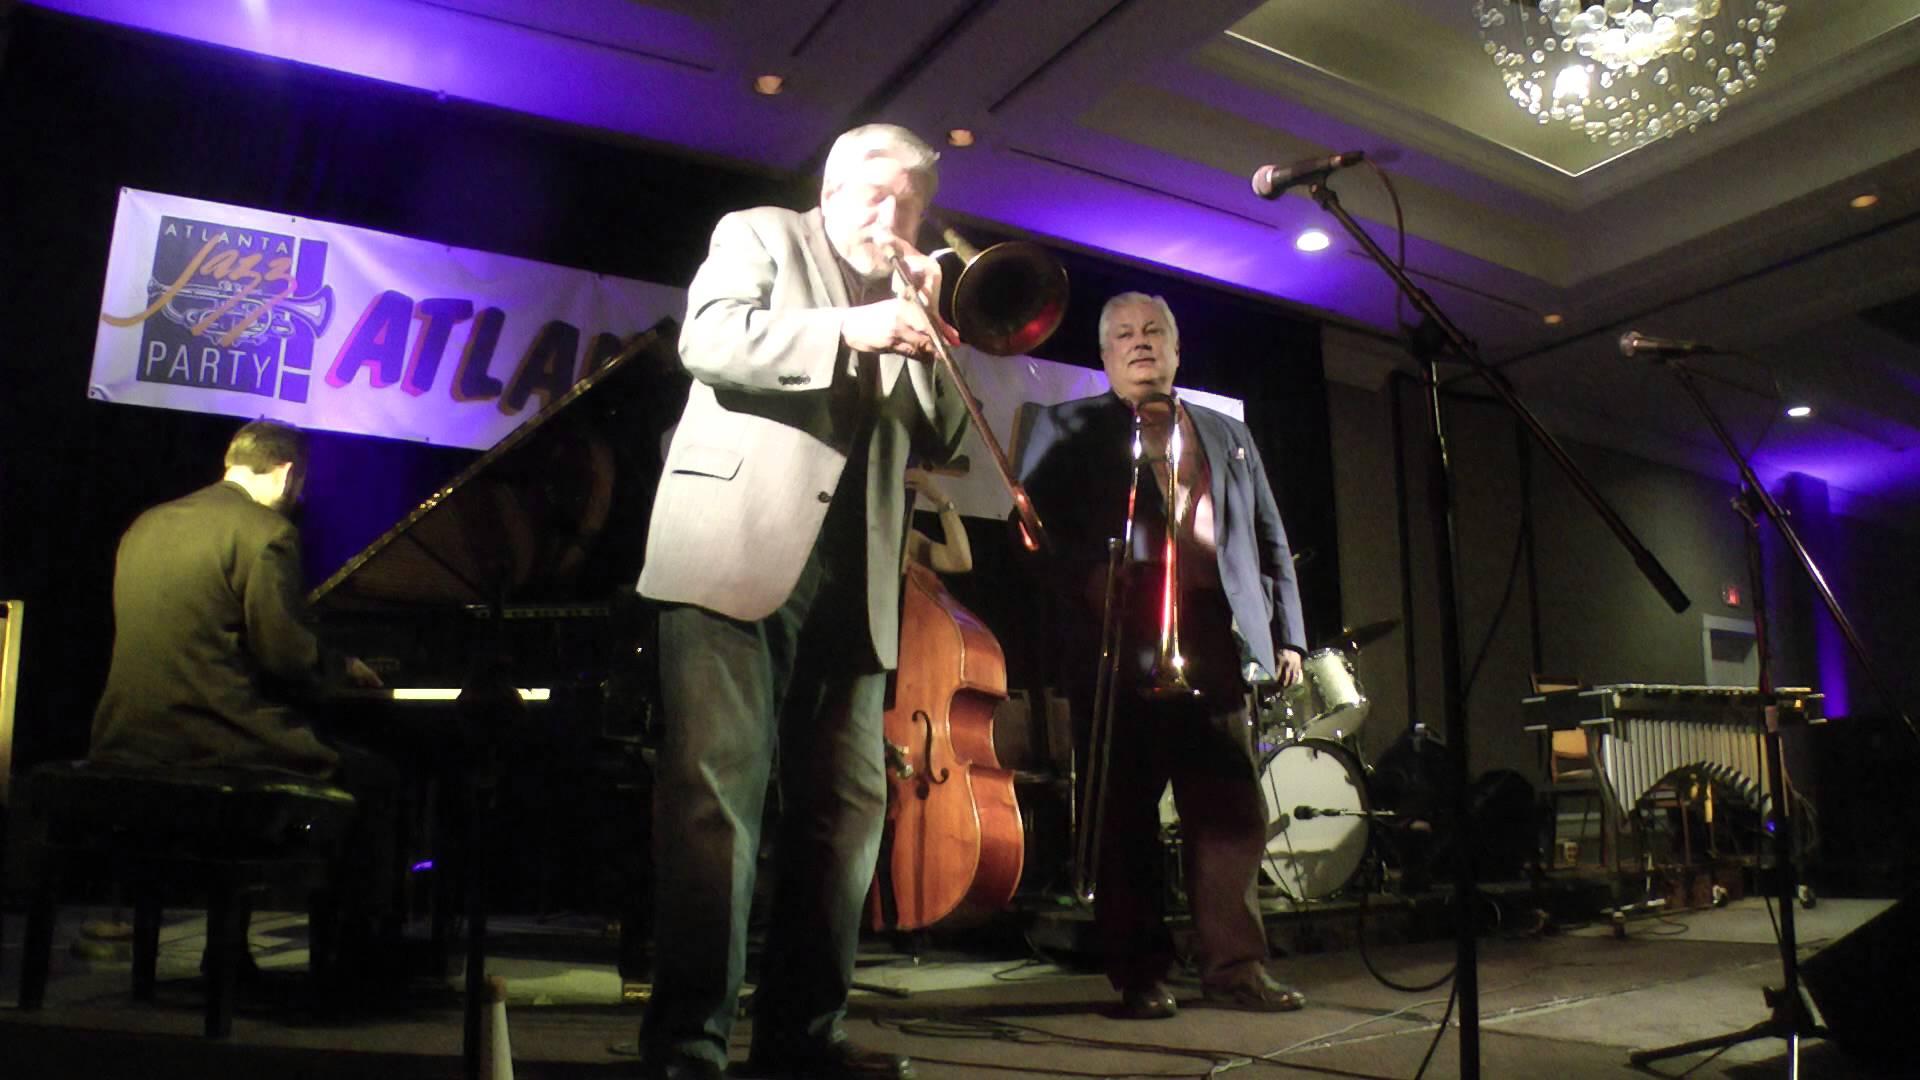 Russ and Dan at Atlanta